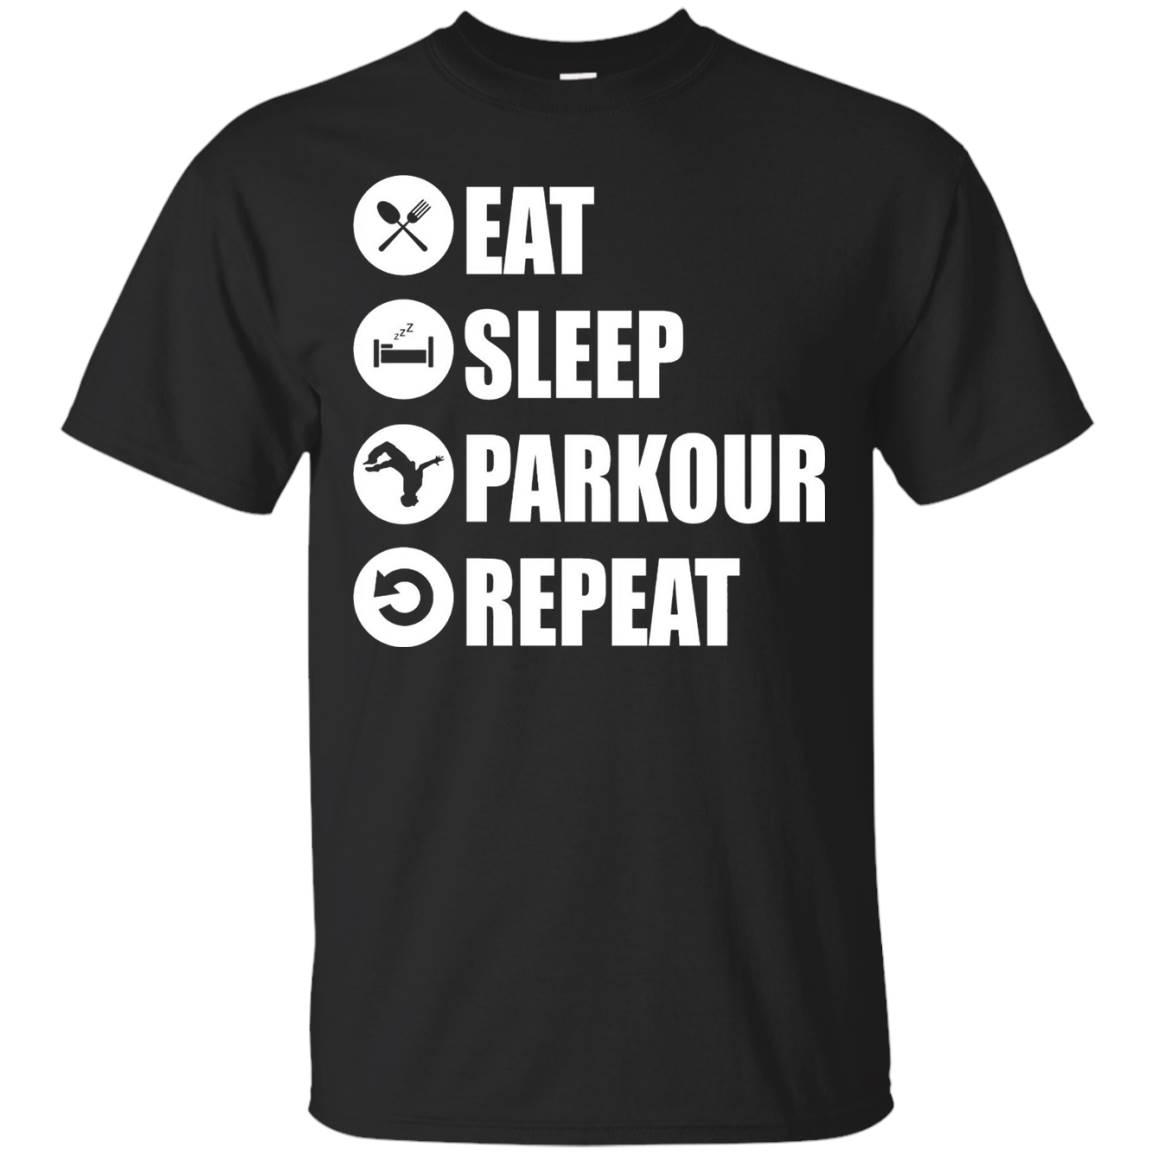 Parkour Shirt Eat Sleep Parkour Repeat Men Women Kid Black